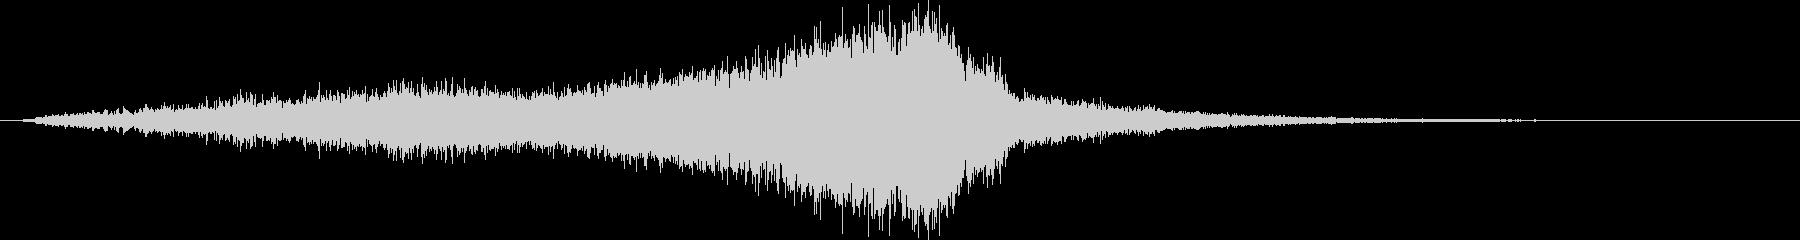 ホラーやサスペンスで使える効果音の未再生の波形